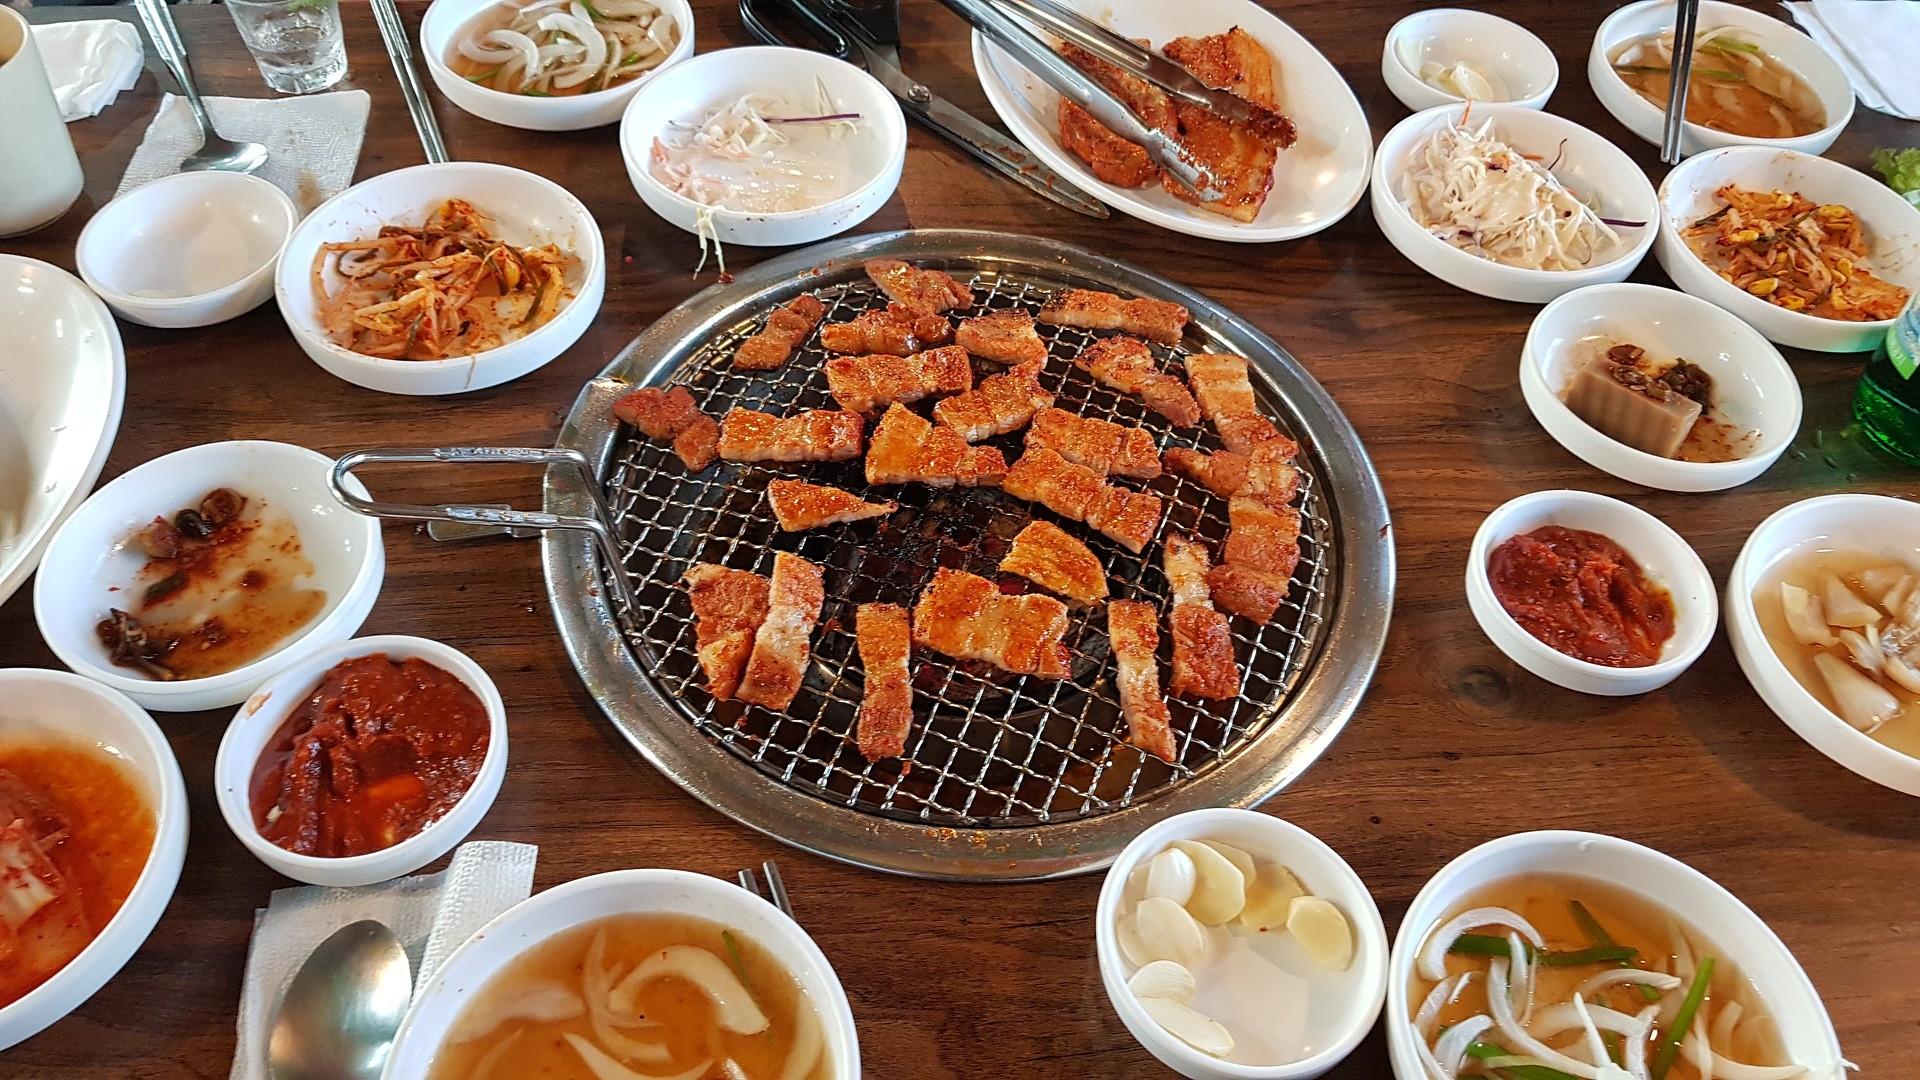 Wisata Kuliner Kota Malang 2020 Untuk Dicoba Kaya Kuliner